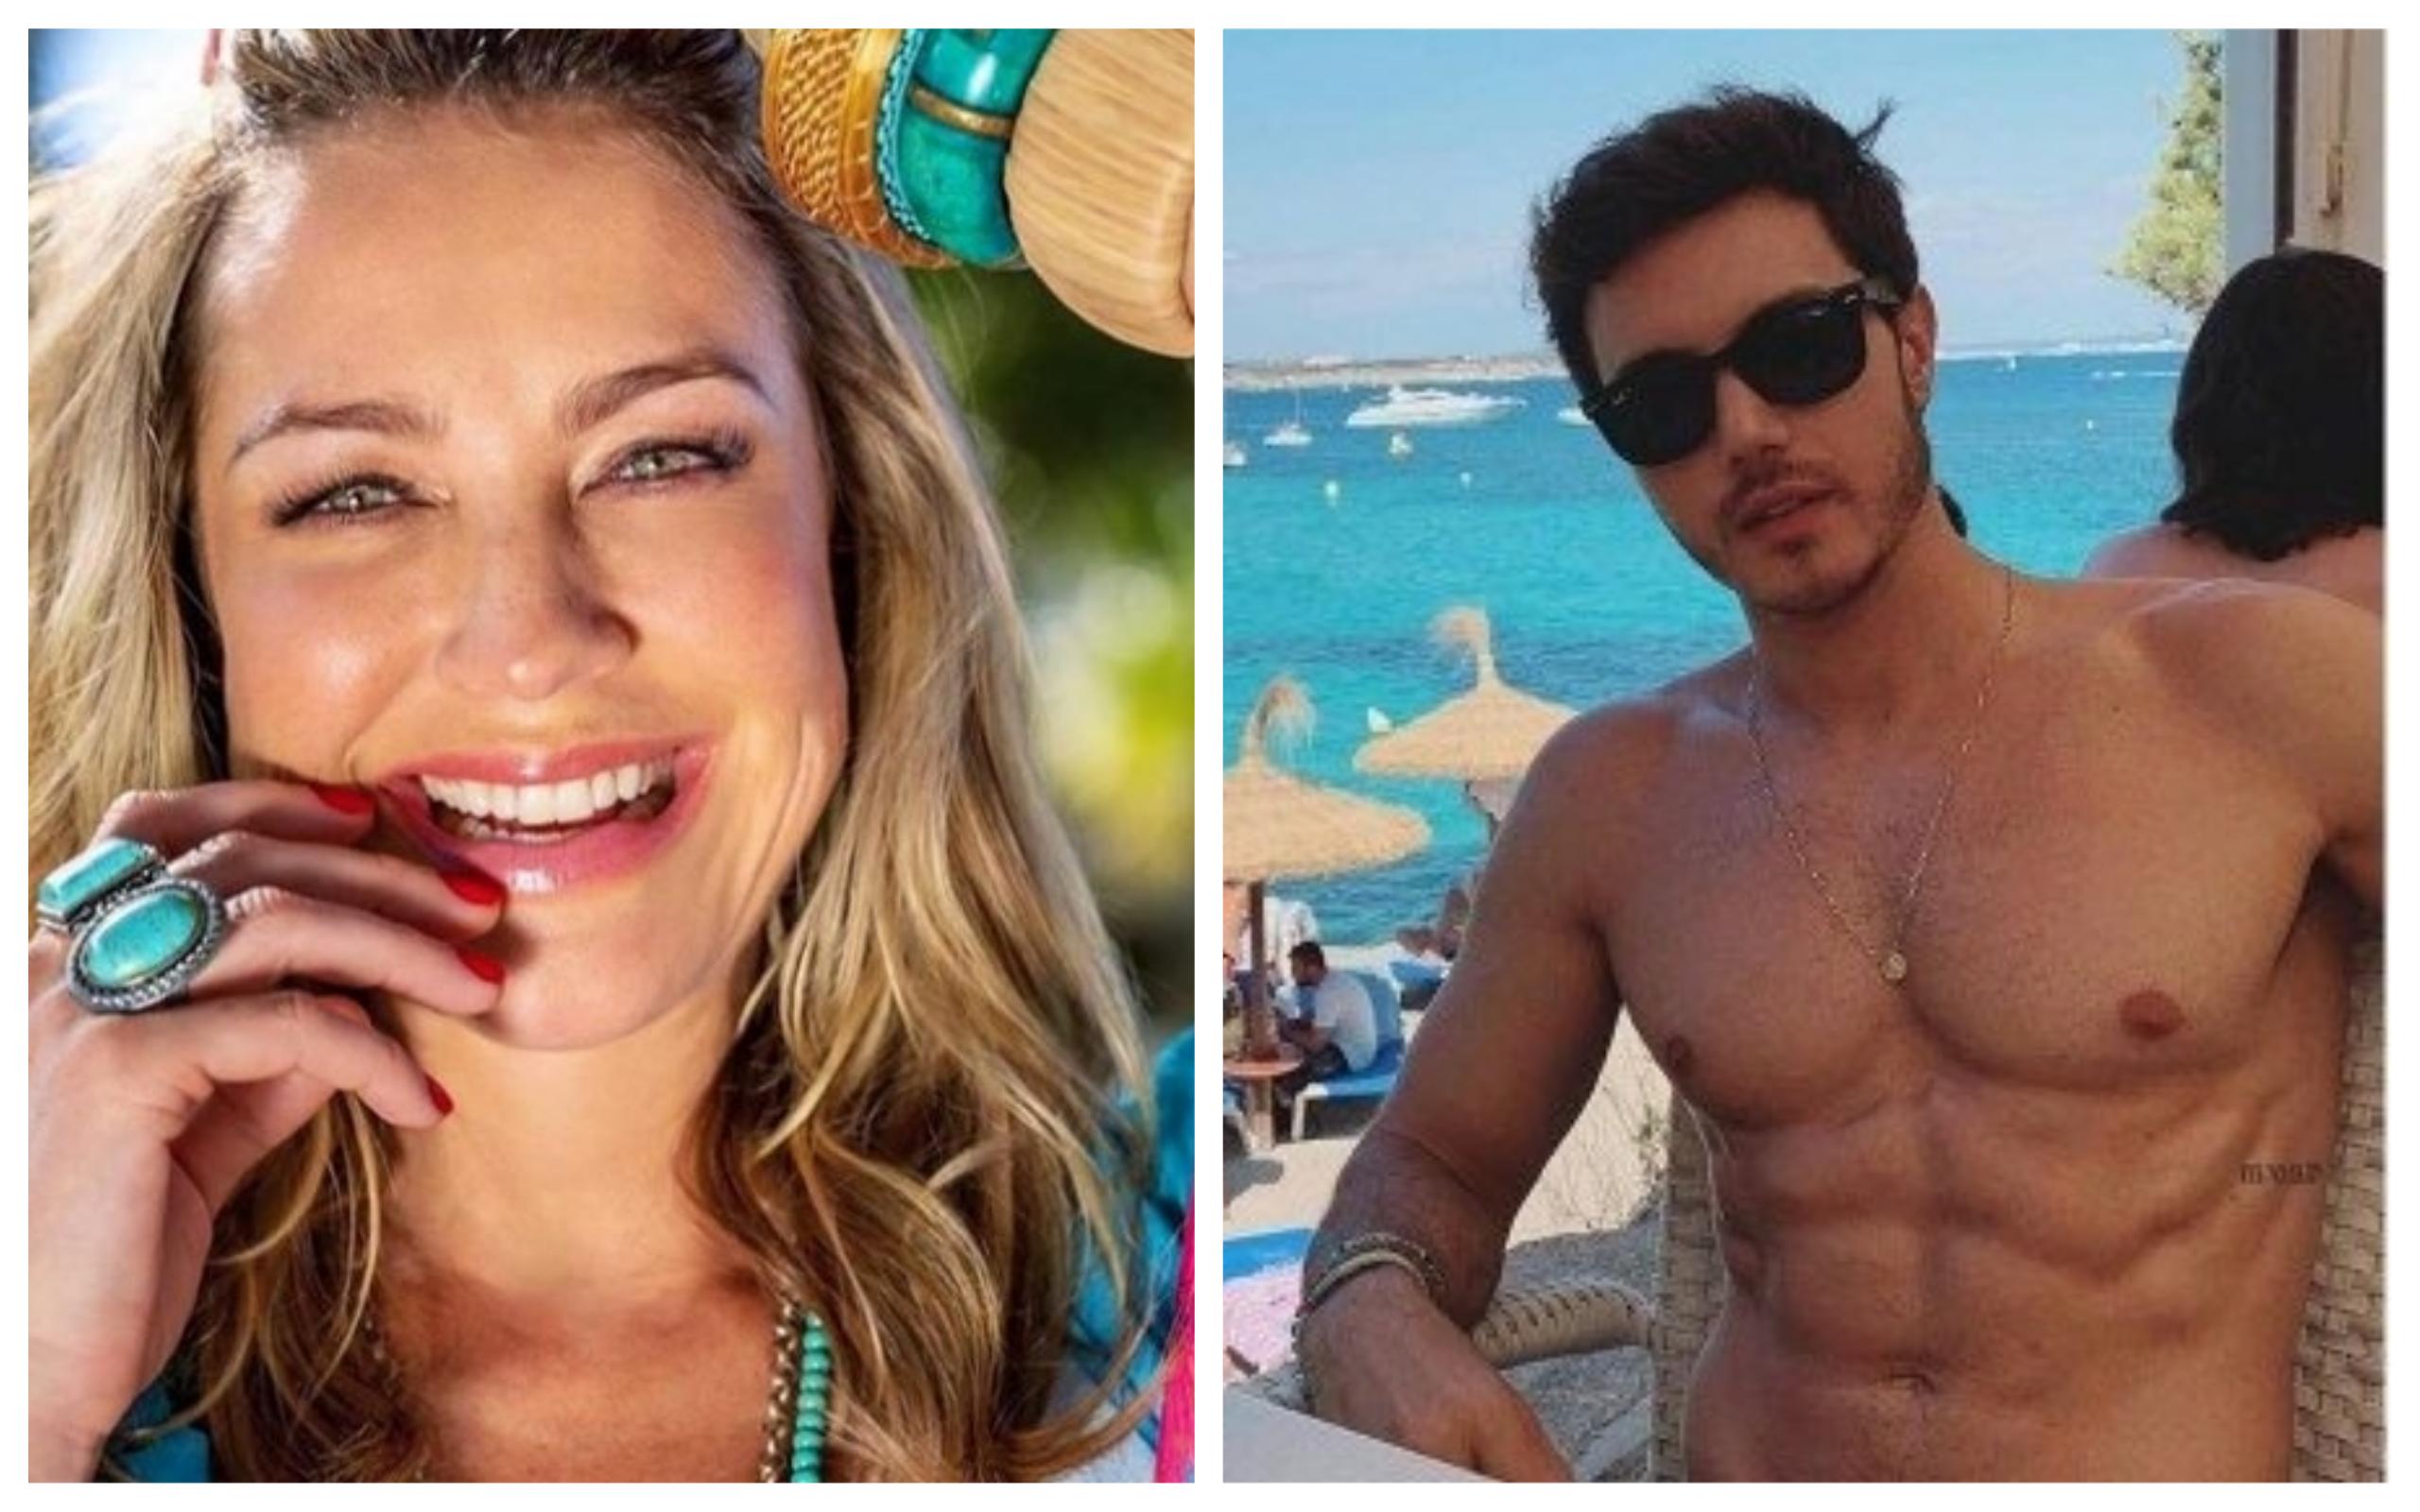 Luana Piovani está curtindo férias com rival de ex marido (Foto: Divulgação / TV Foco)